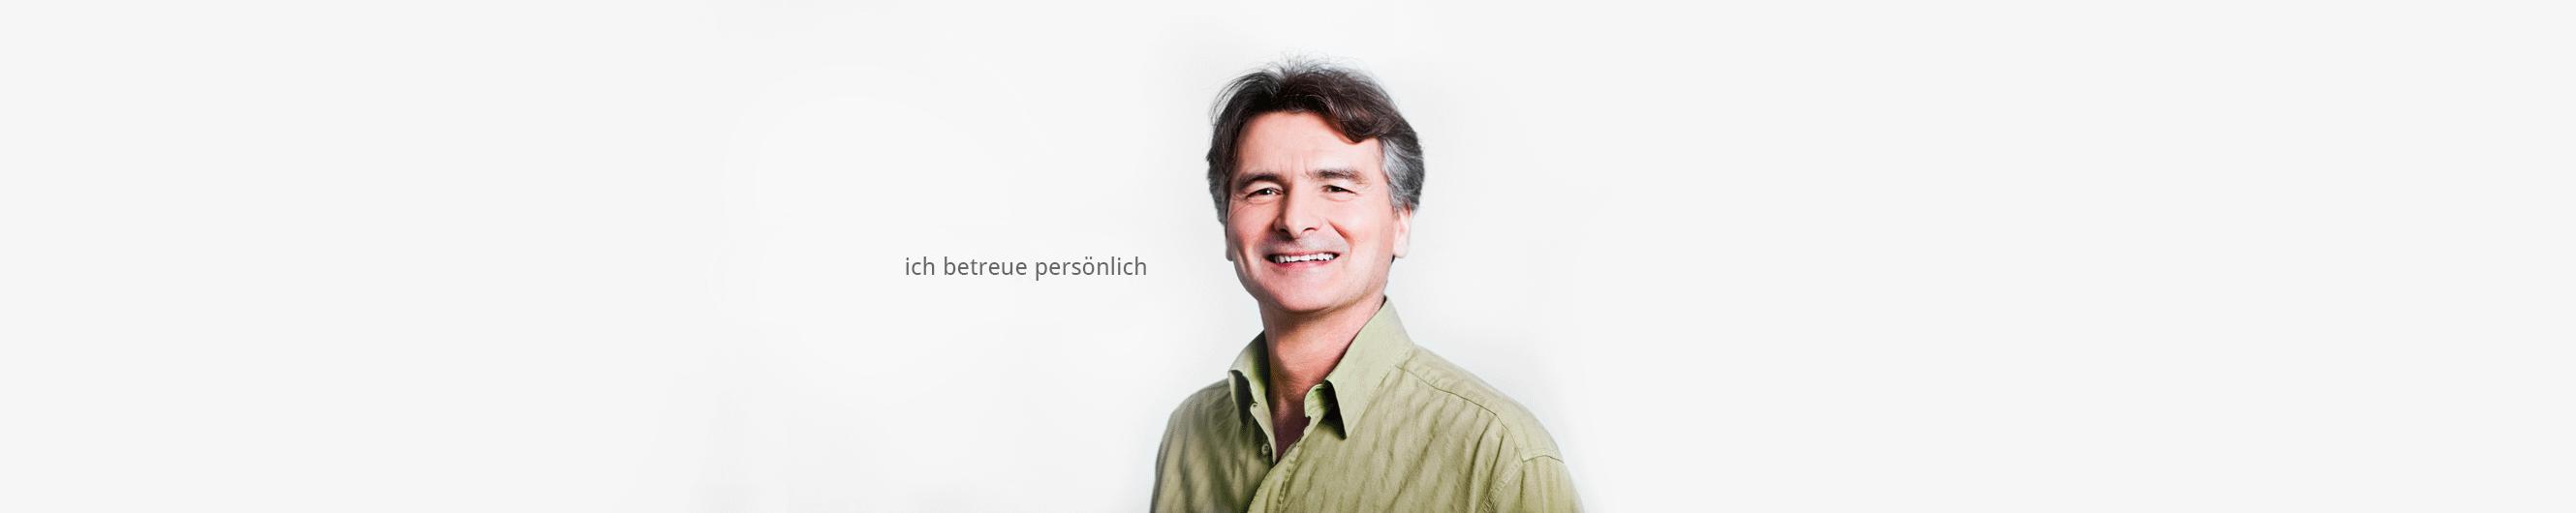 Ing. Heinz Tschürtz - dein Spezialist für Energieberatung, Thermenwartung und -reparatur